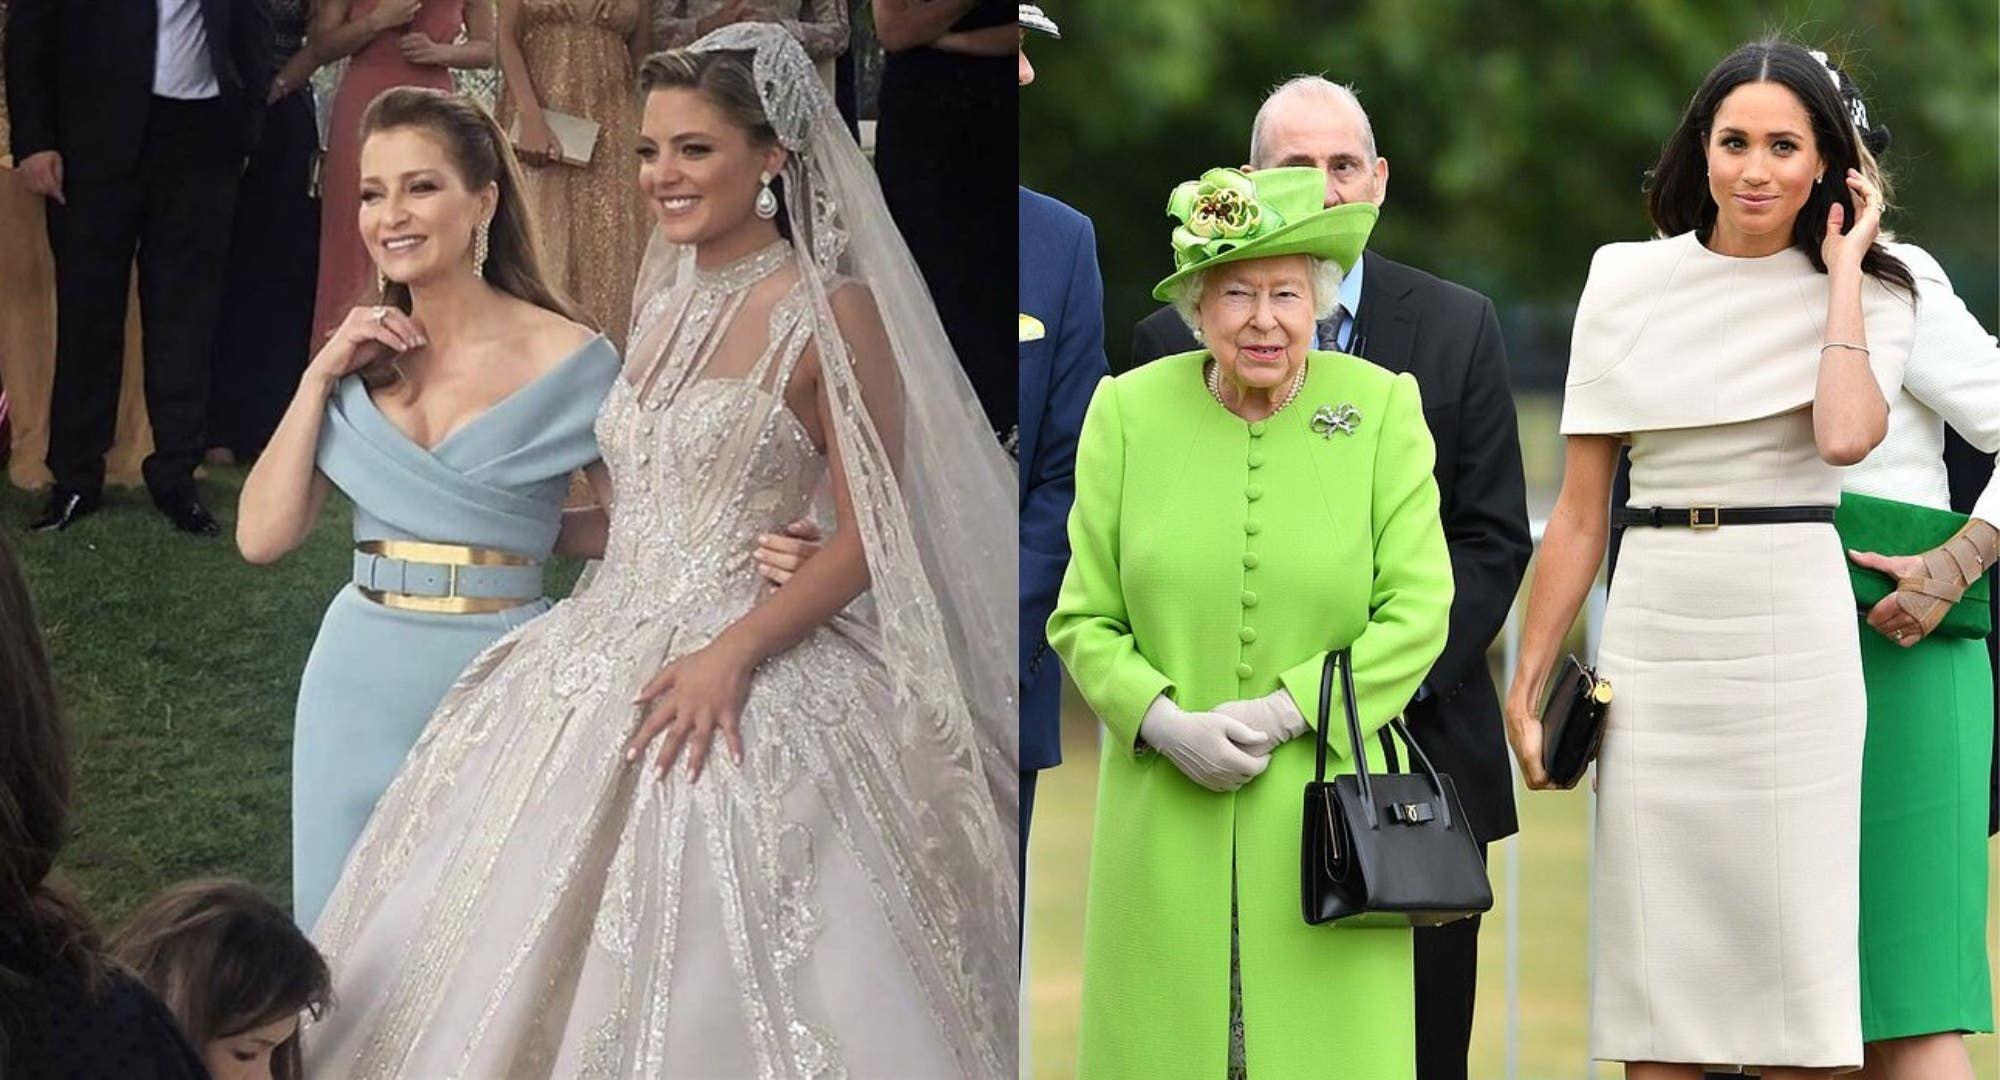 زوجة إيلي صعب وكنتها تتصدران الحديث بأناقة خاطفة ومقارنات مع الملكة إليزابيث وميغان In 2021 Bridesmaid Dresses Dresses Wedding Dresses